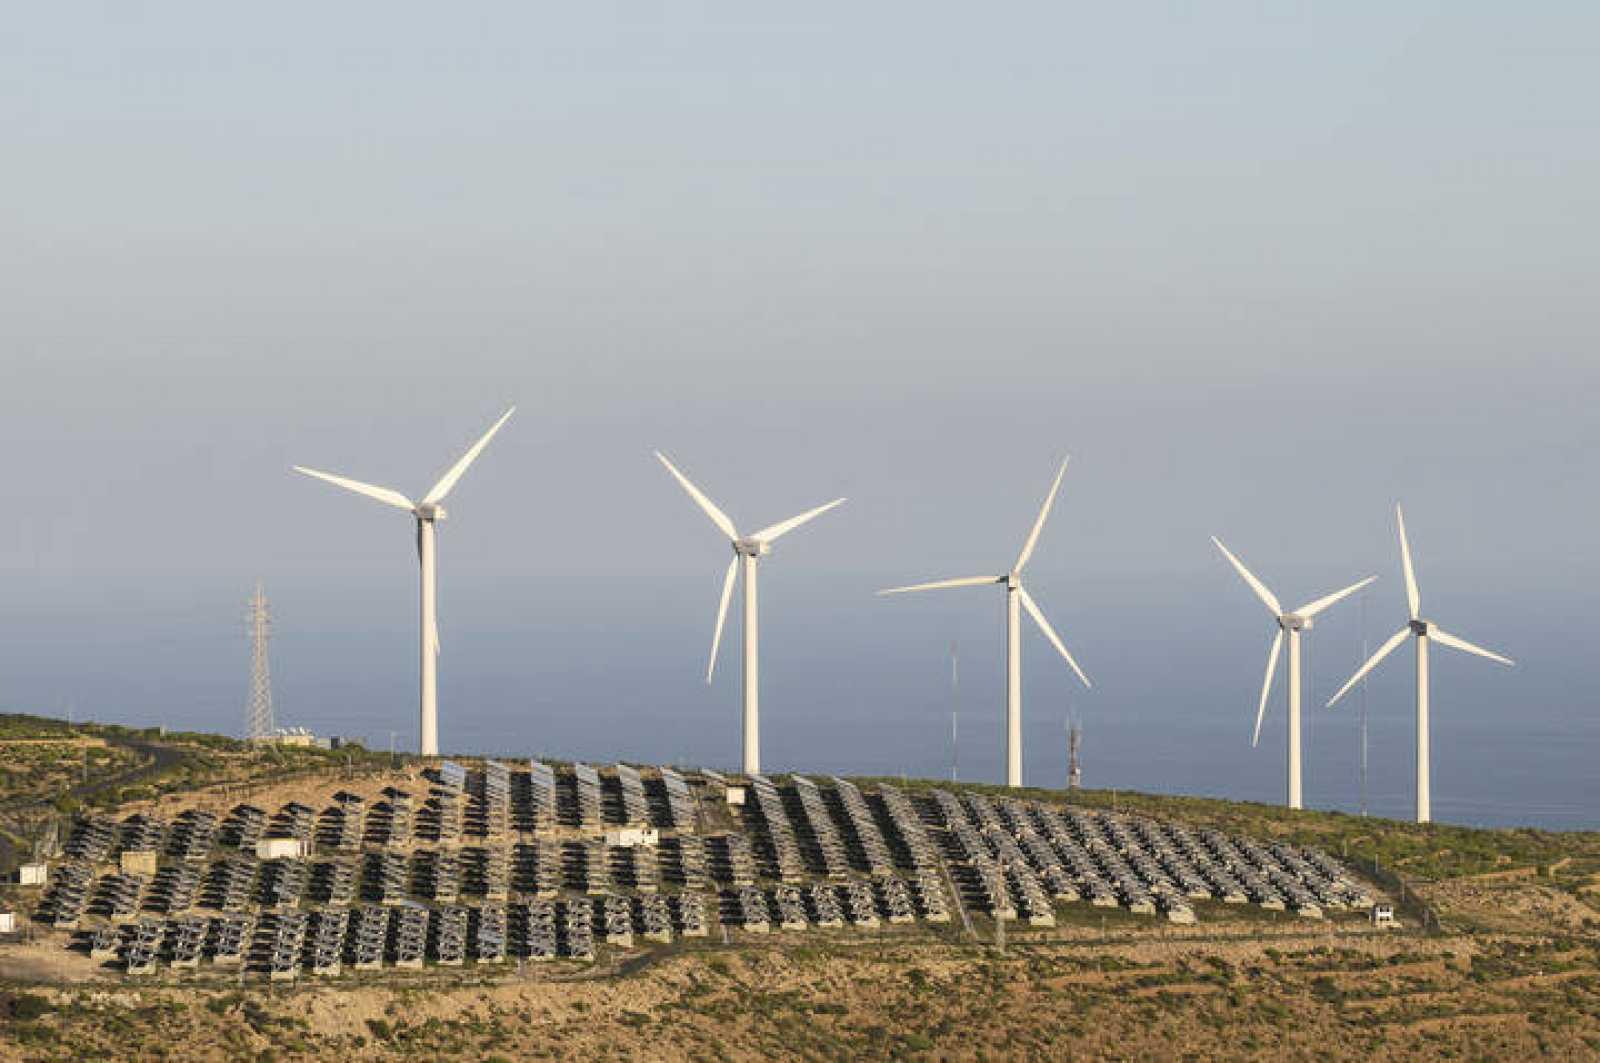 Planta de energías renovables.